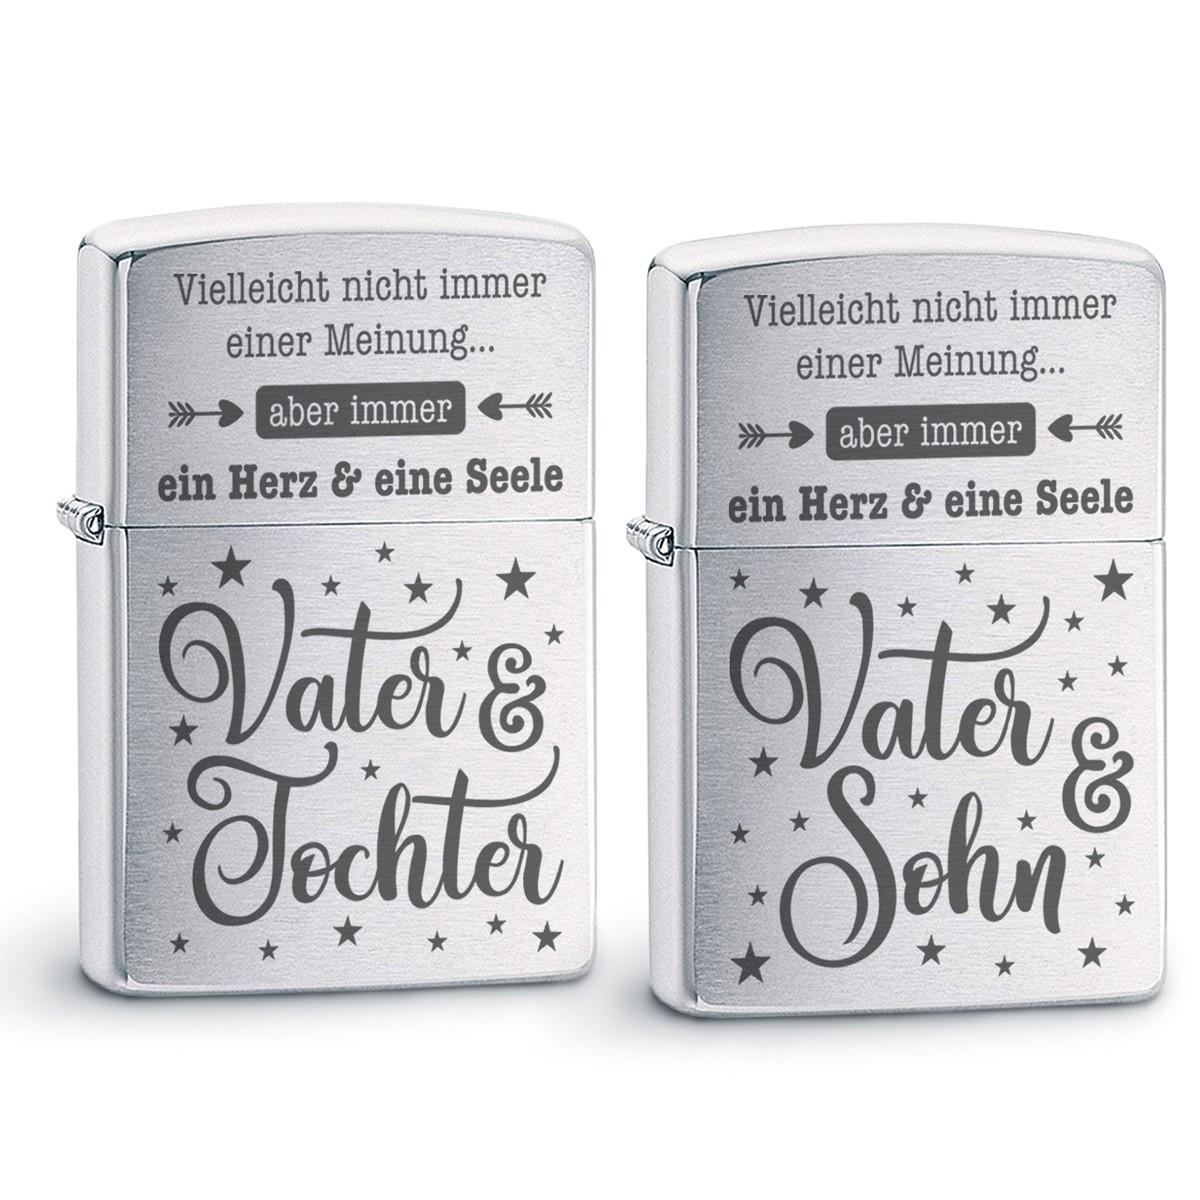 Original Zippo Benzinfeuerzeug: Ein Herz und eine Seele (Vater - Tochter / Sohn)